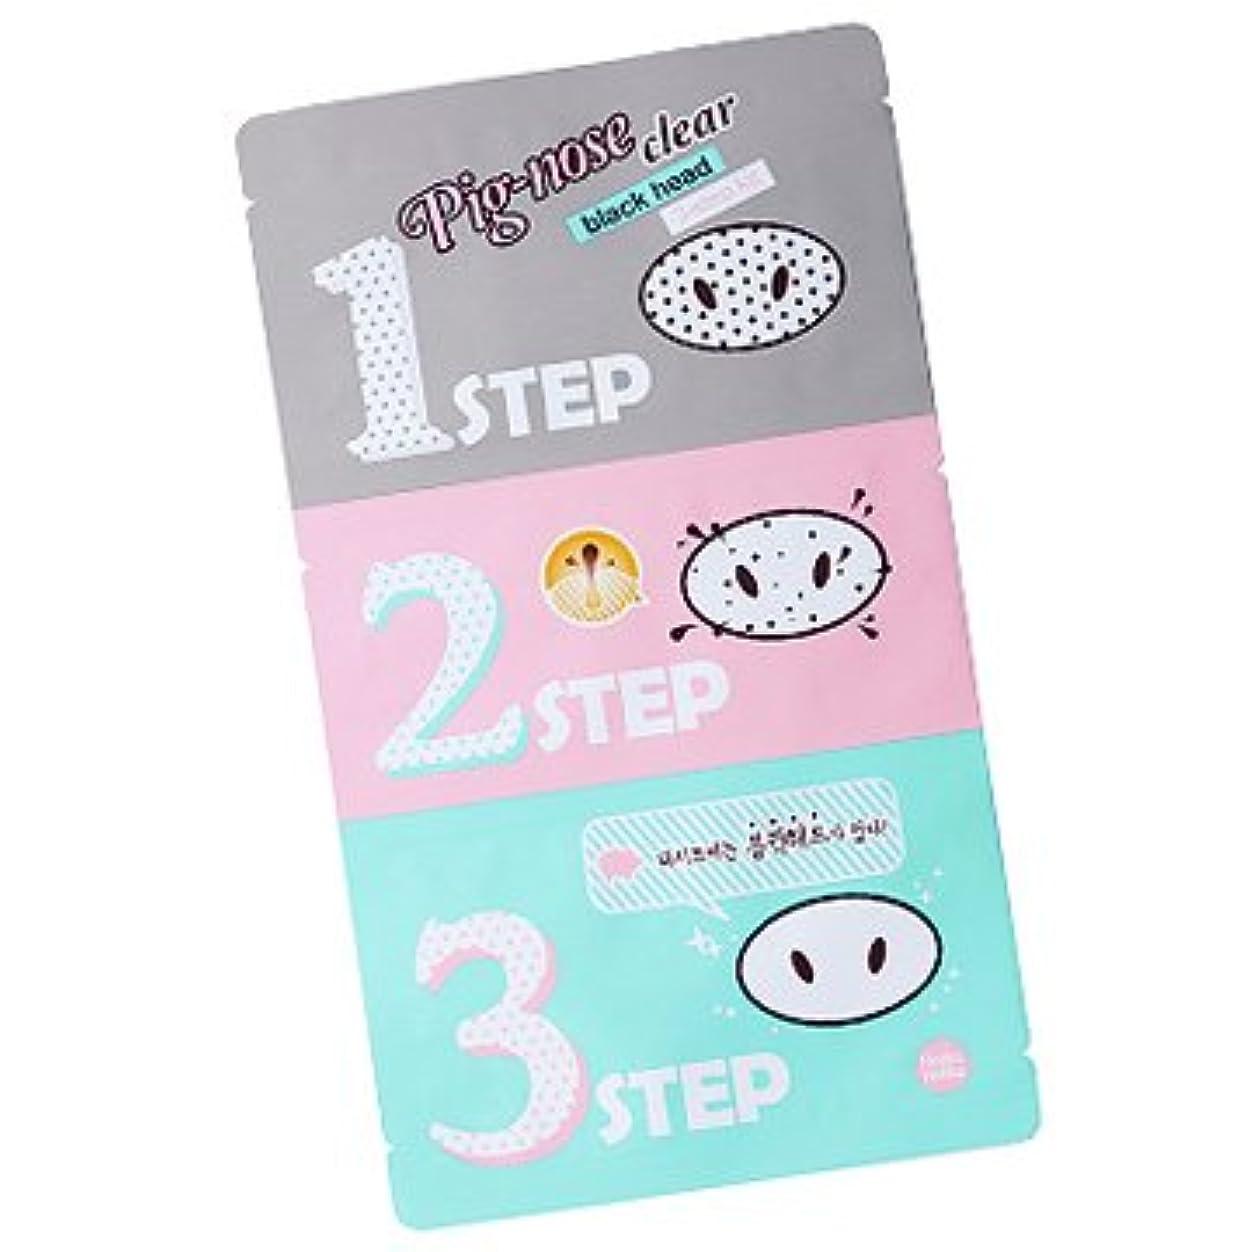 化学領域構成Holika Holika Pig Nose Clear Black Head 3-Step Kit 10EA (Nose Pack) ホリカホリカ ピグノーズクリアブラックヘッド3-Stepキット(鼻パック) 10pcs...